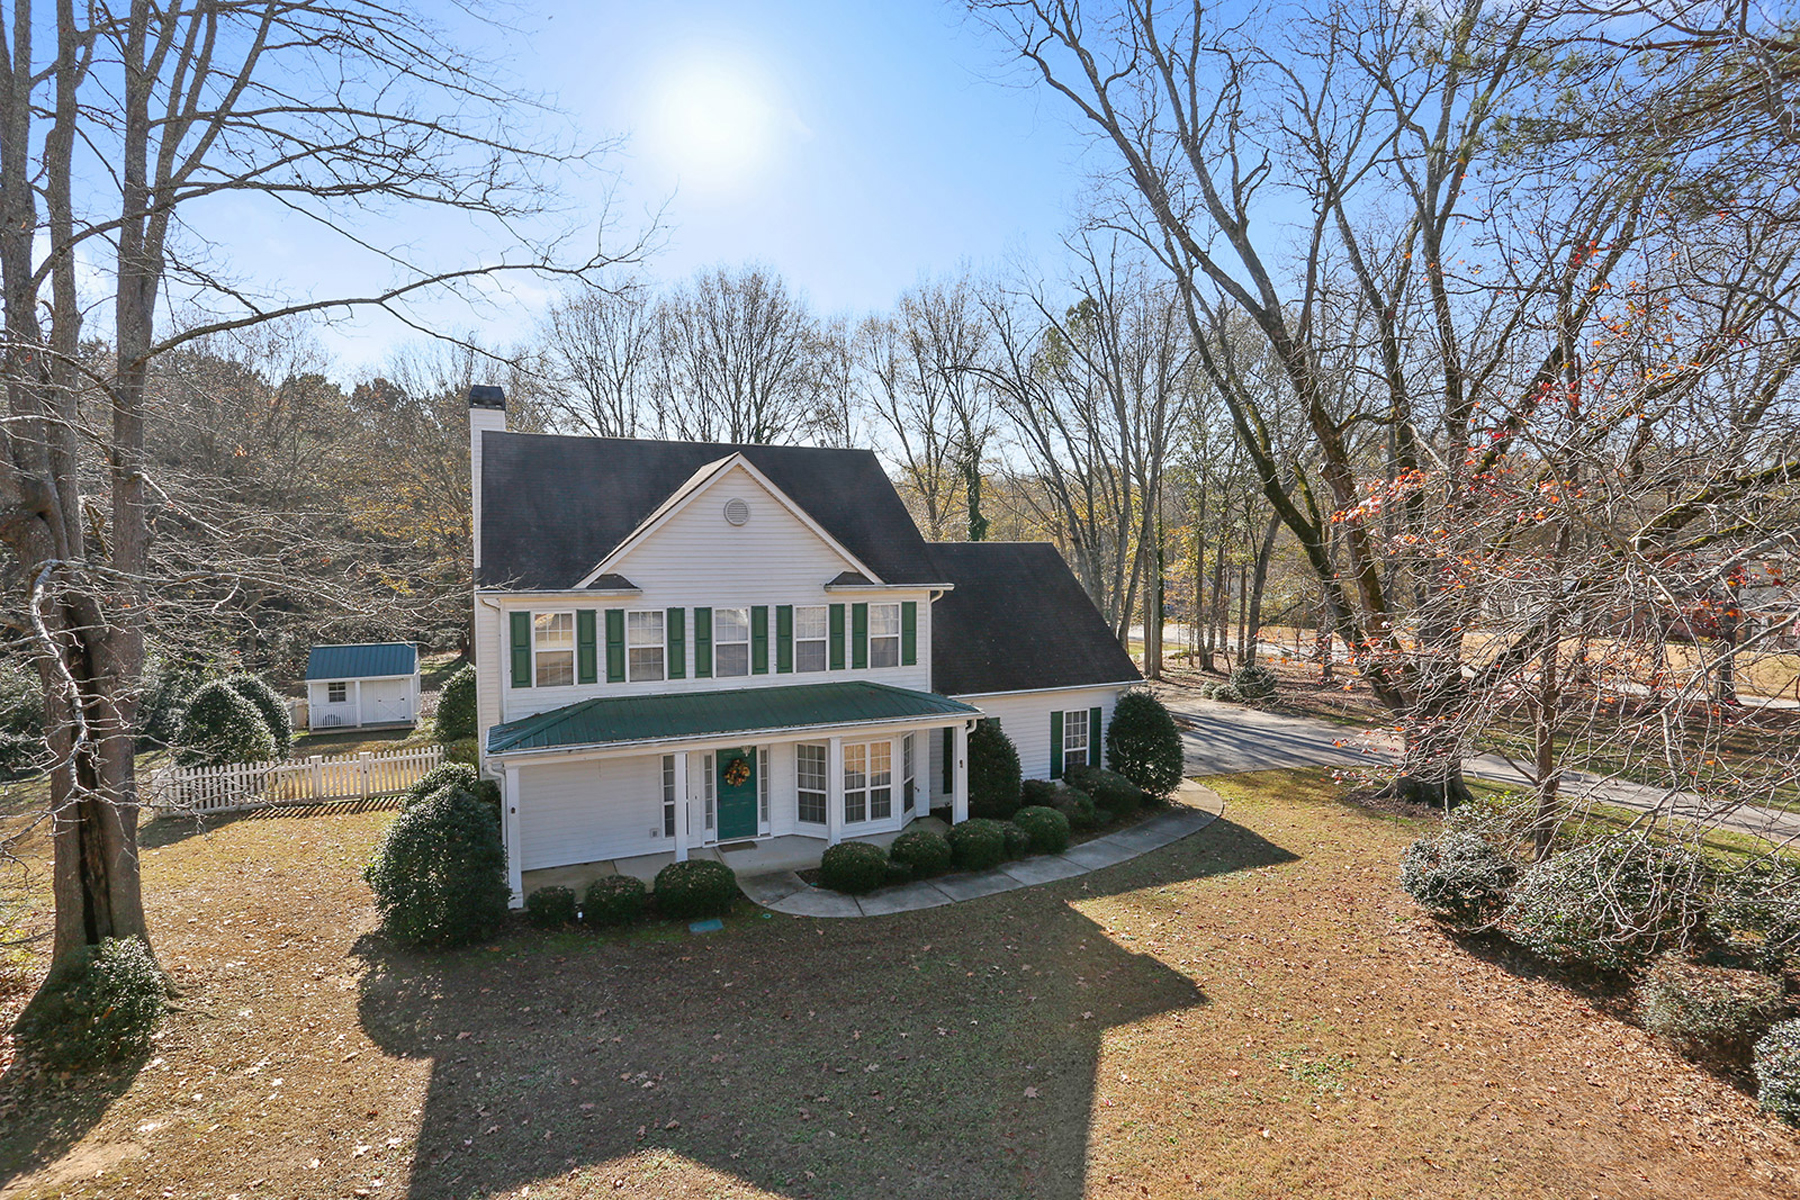 Maison unifamiliale pour l Vente à Close To Pinewood Studios 100 Dorsett Drive Fayetteville, Georgia 30214 États-Unis